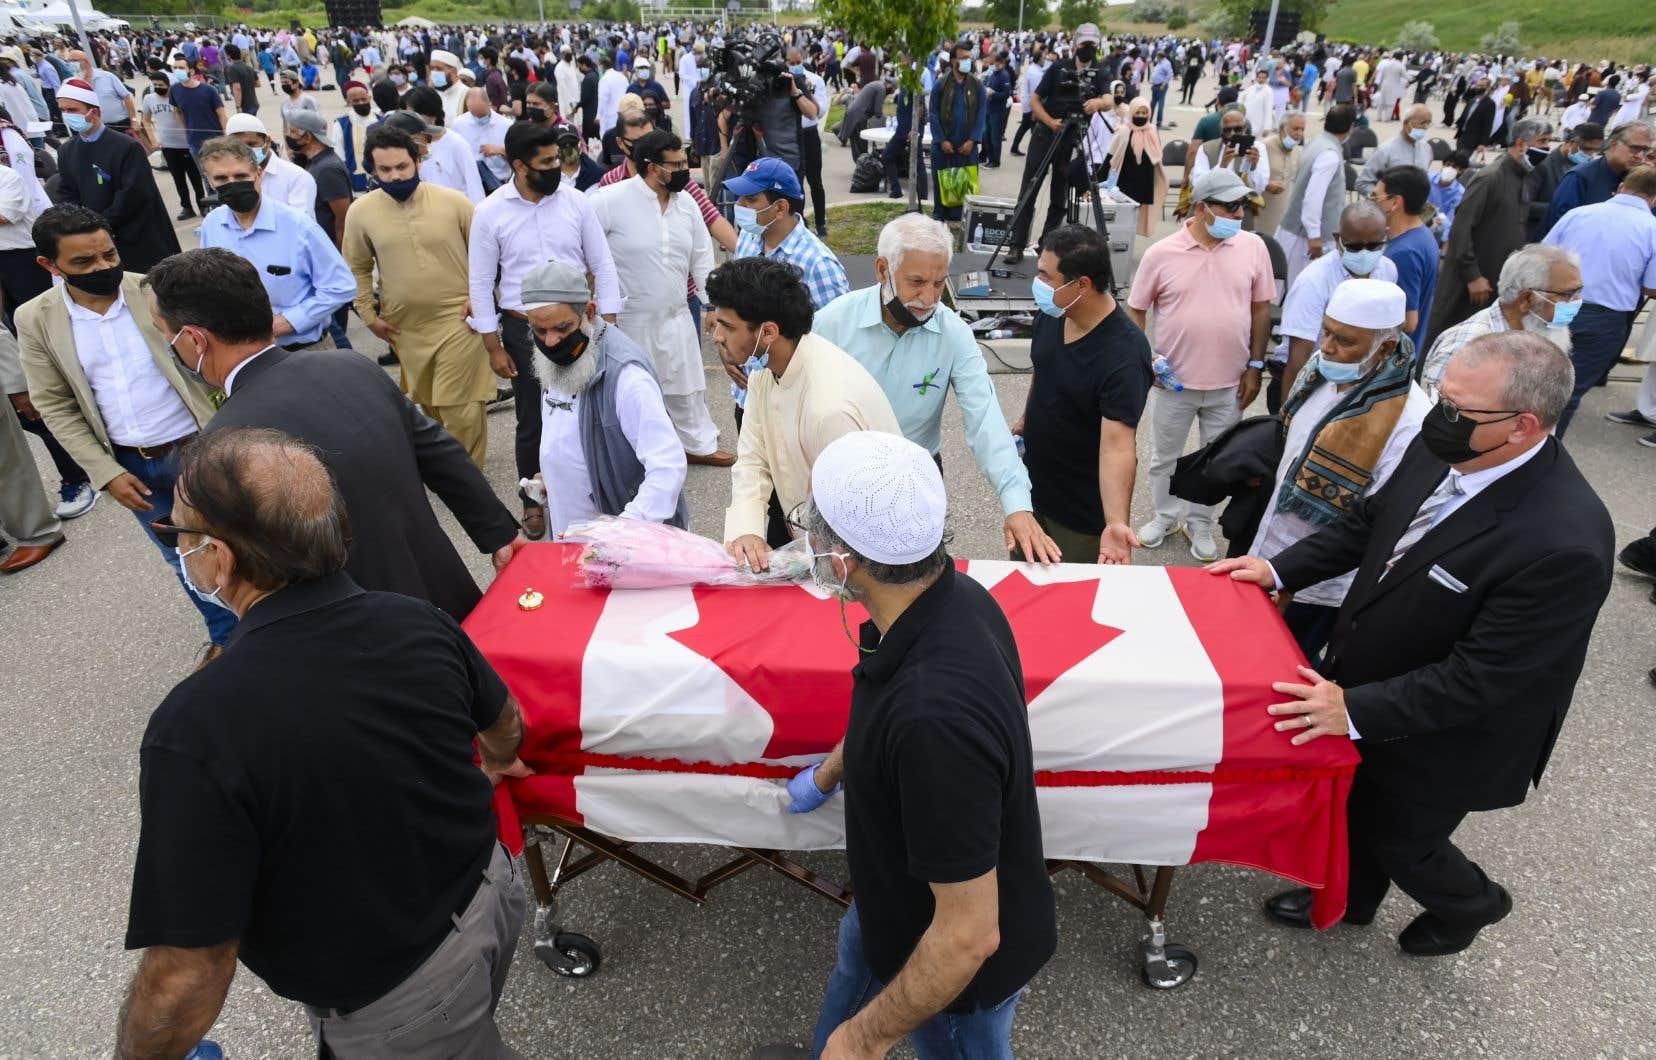 L'attentat a ravivé les discussions sur le racisme au Canada, relançant les appels pour un sommet national sur les moyens de contrer l'islamophobie au pays.